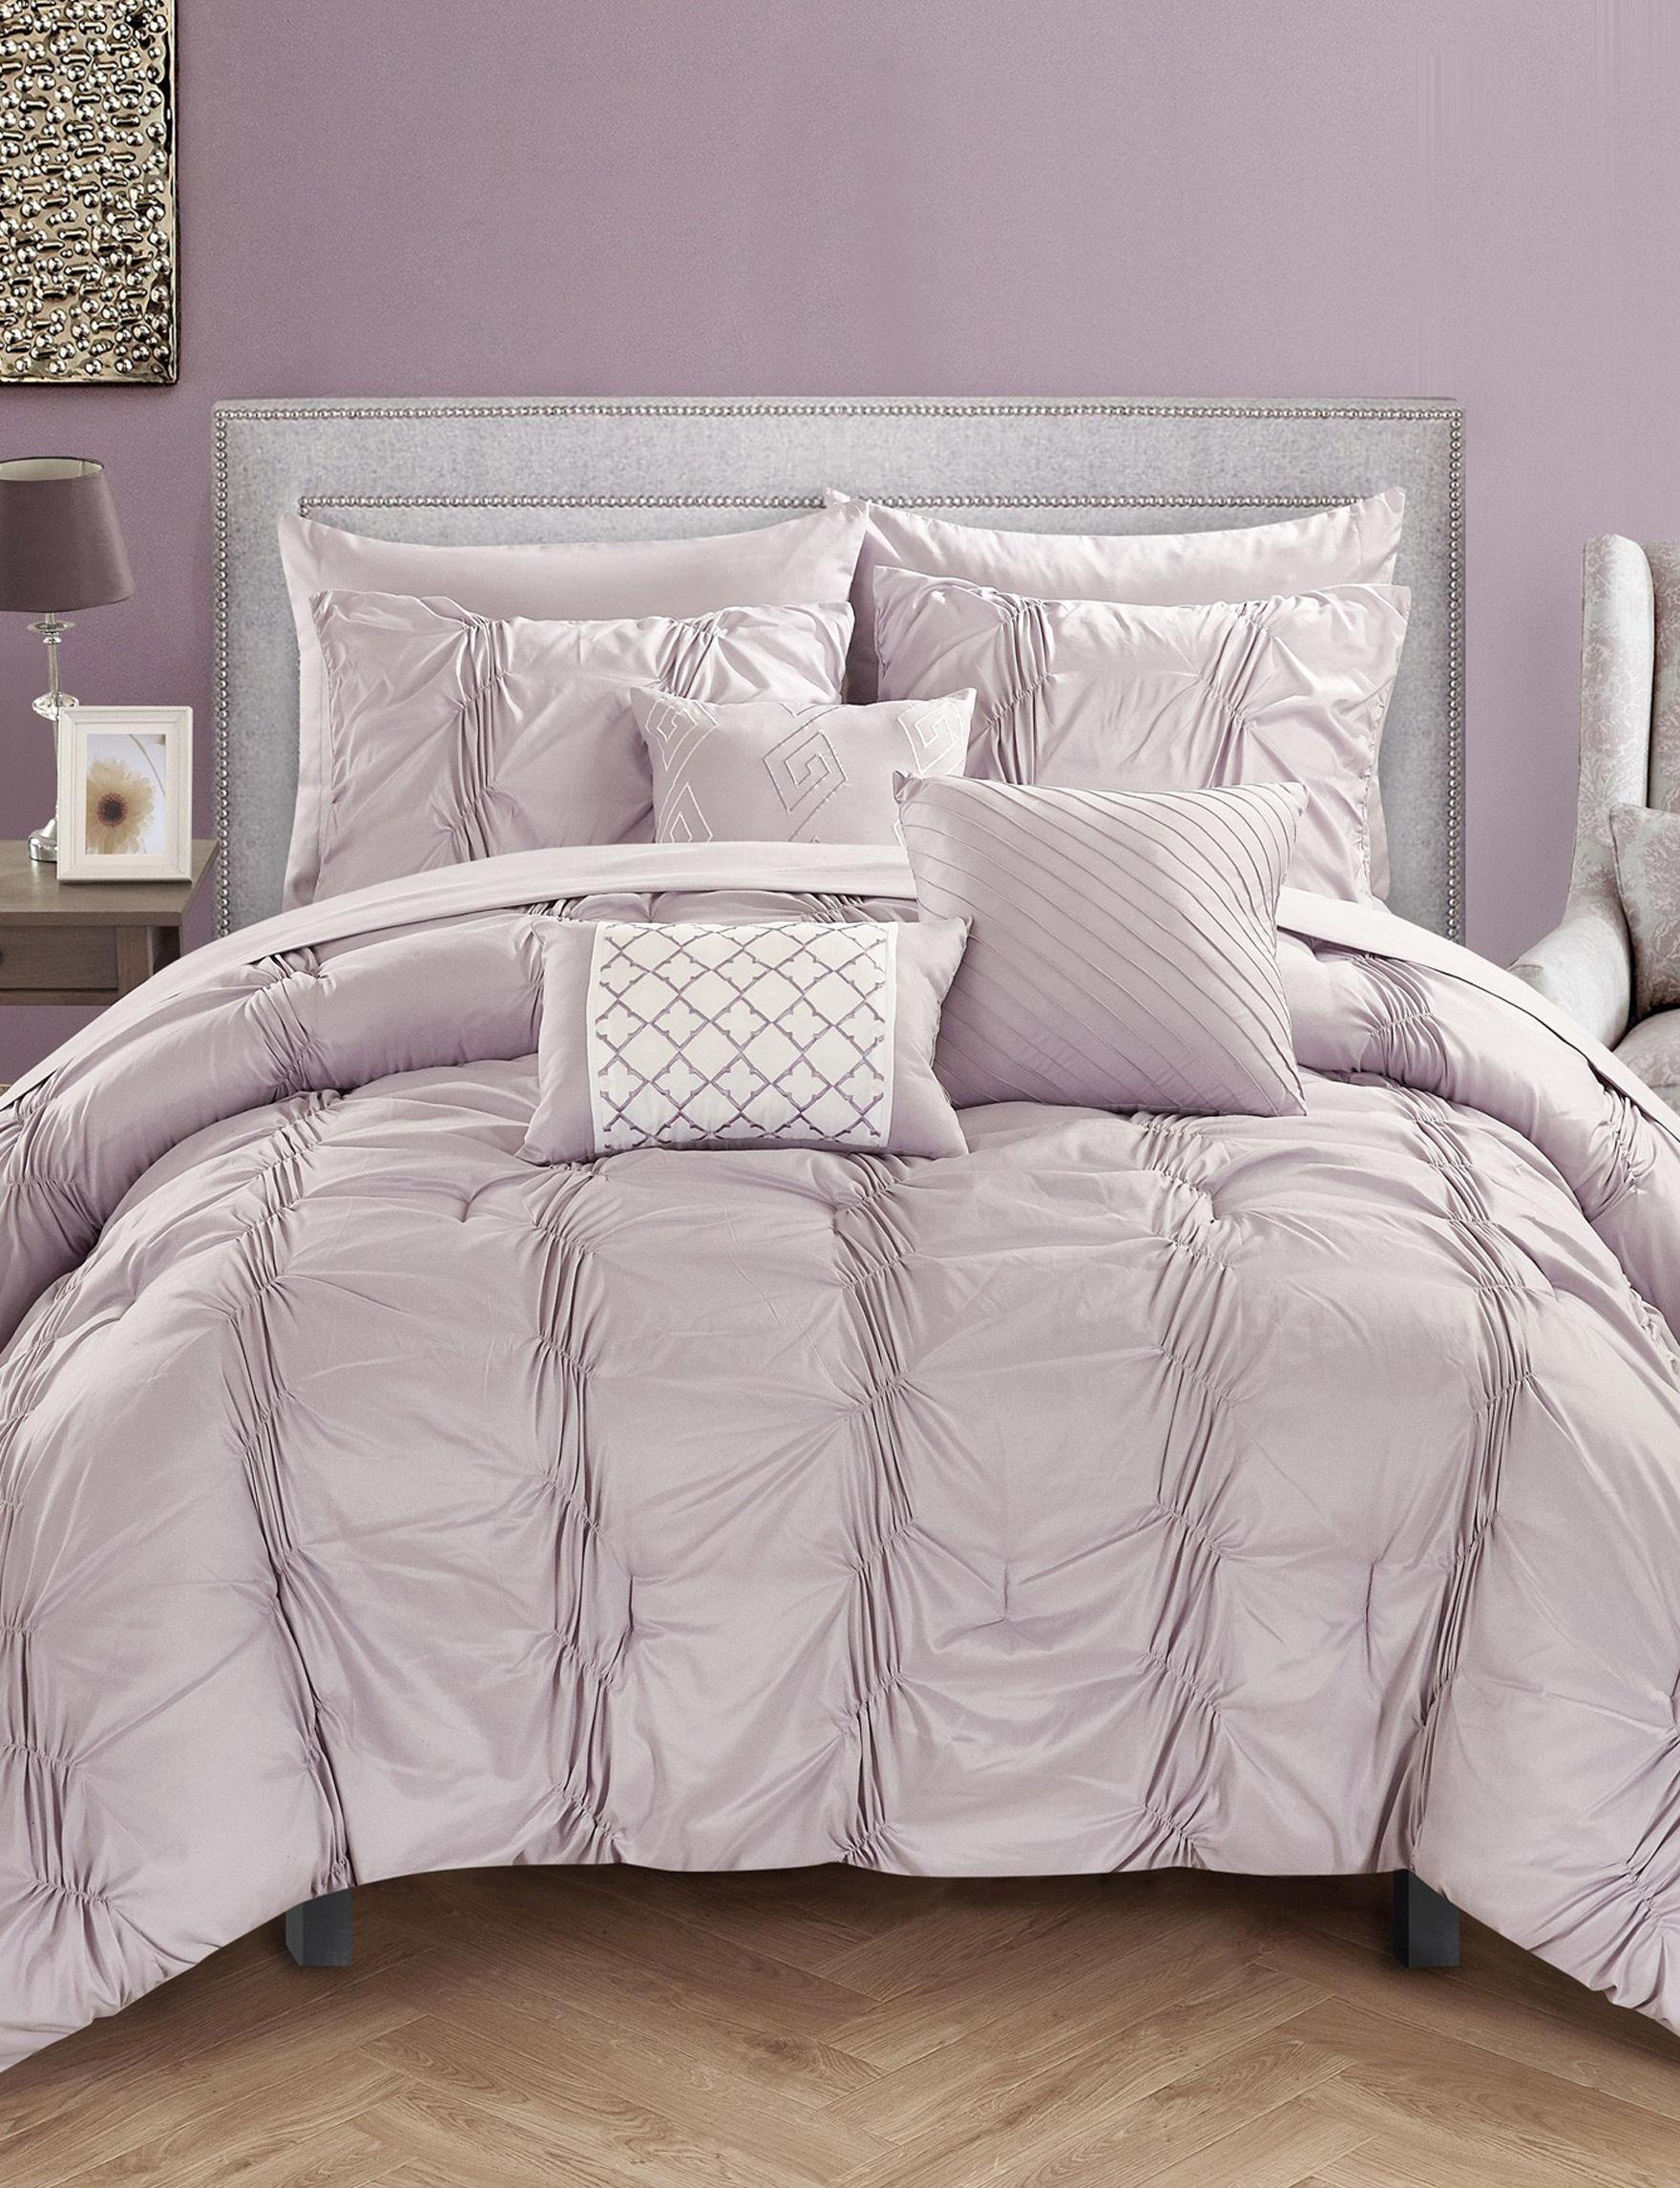 Chic Home Design Lavender Comforters & Comforter Sets